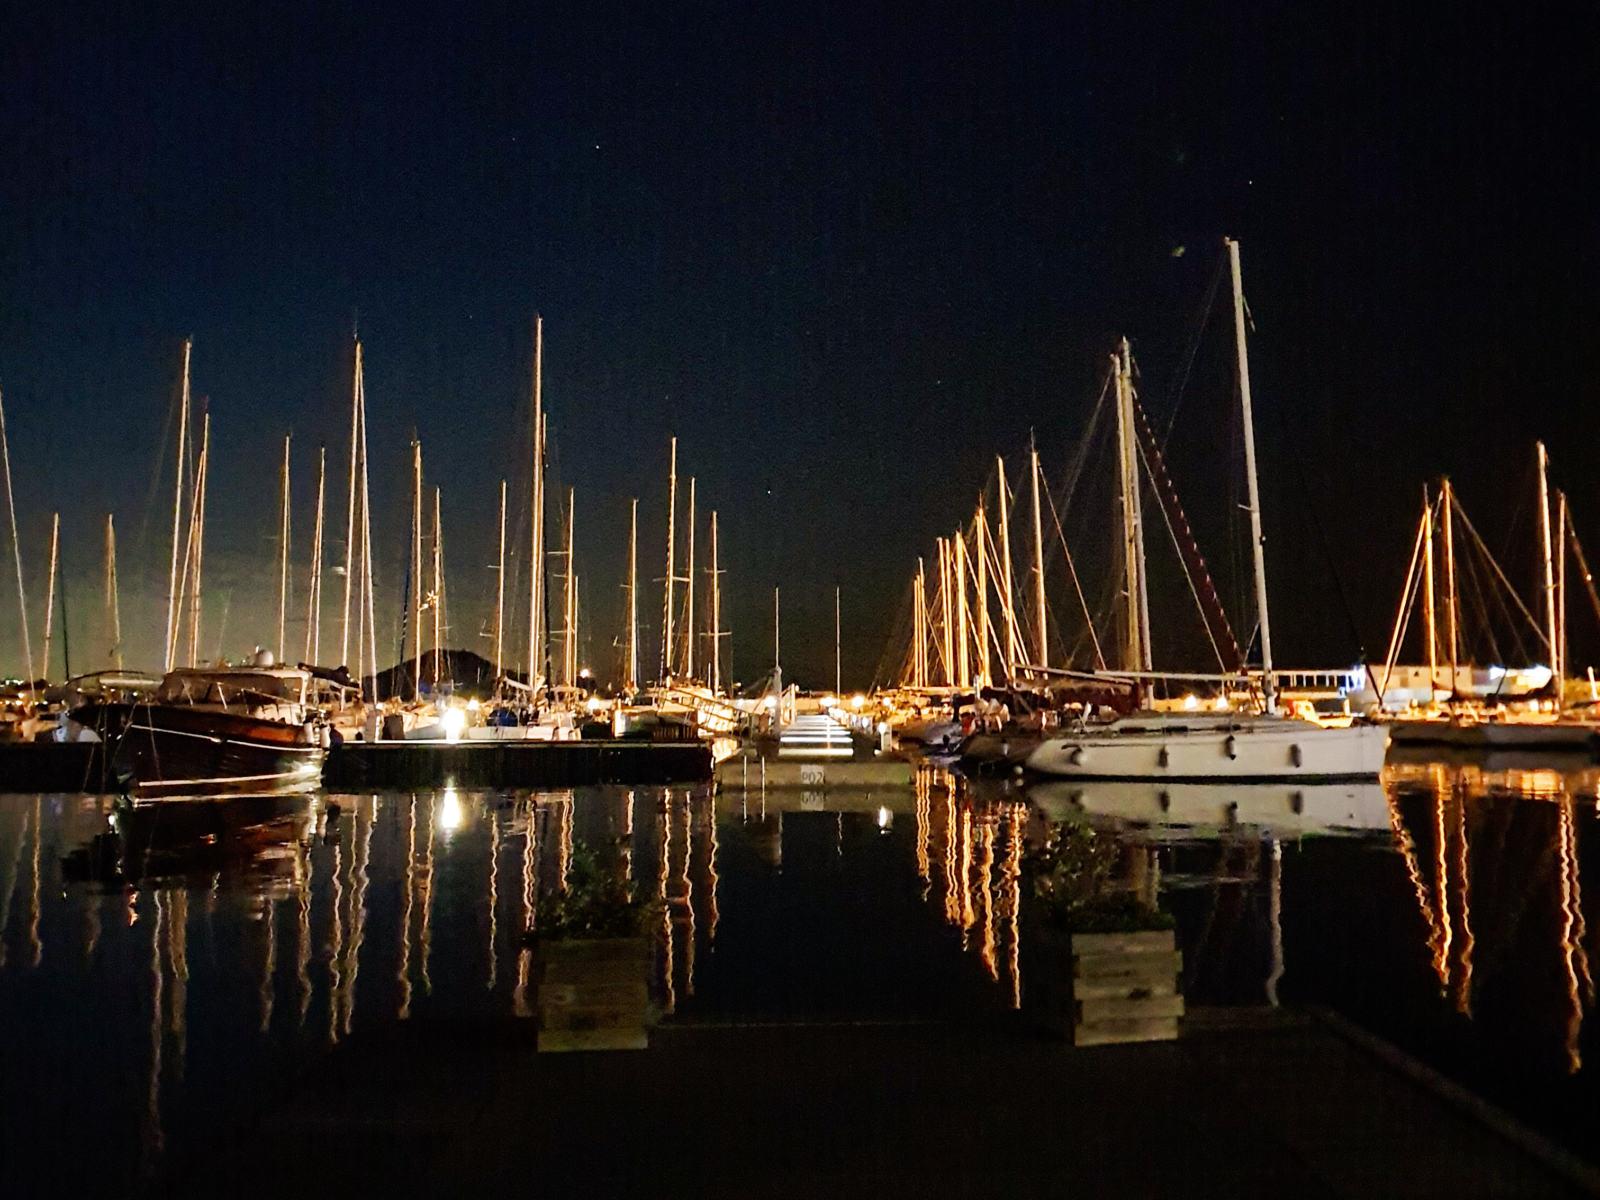 Pontile con barche di notte